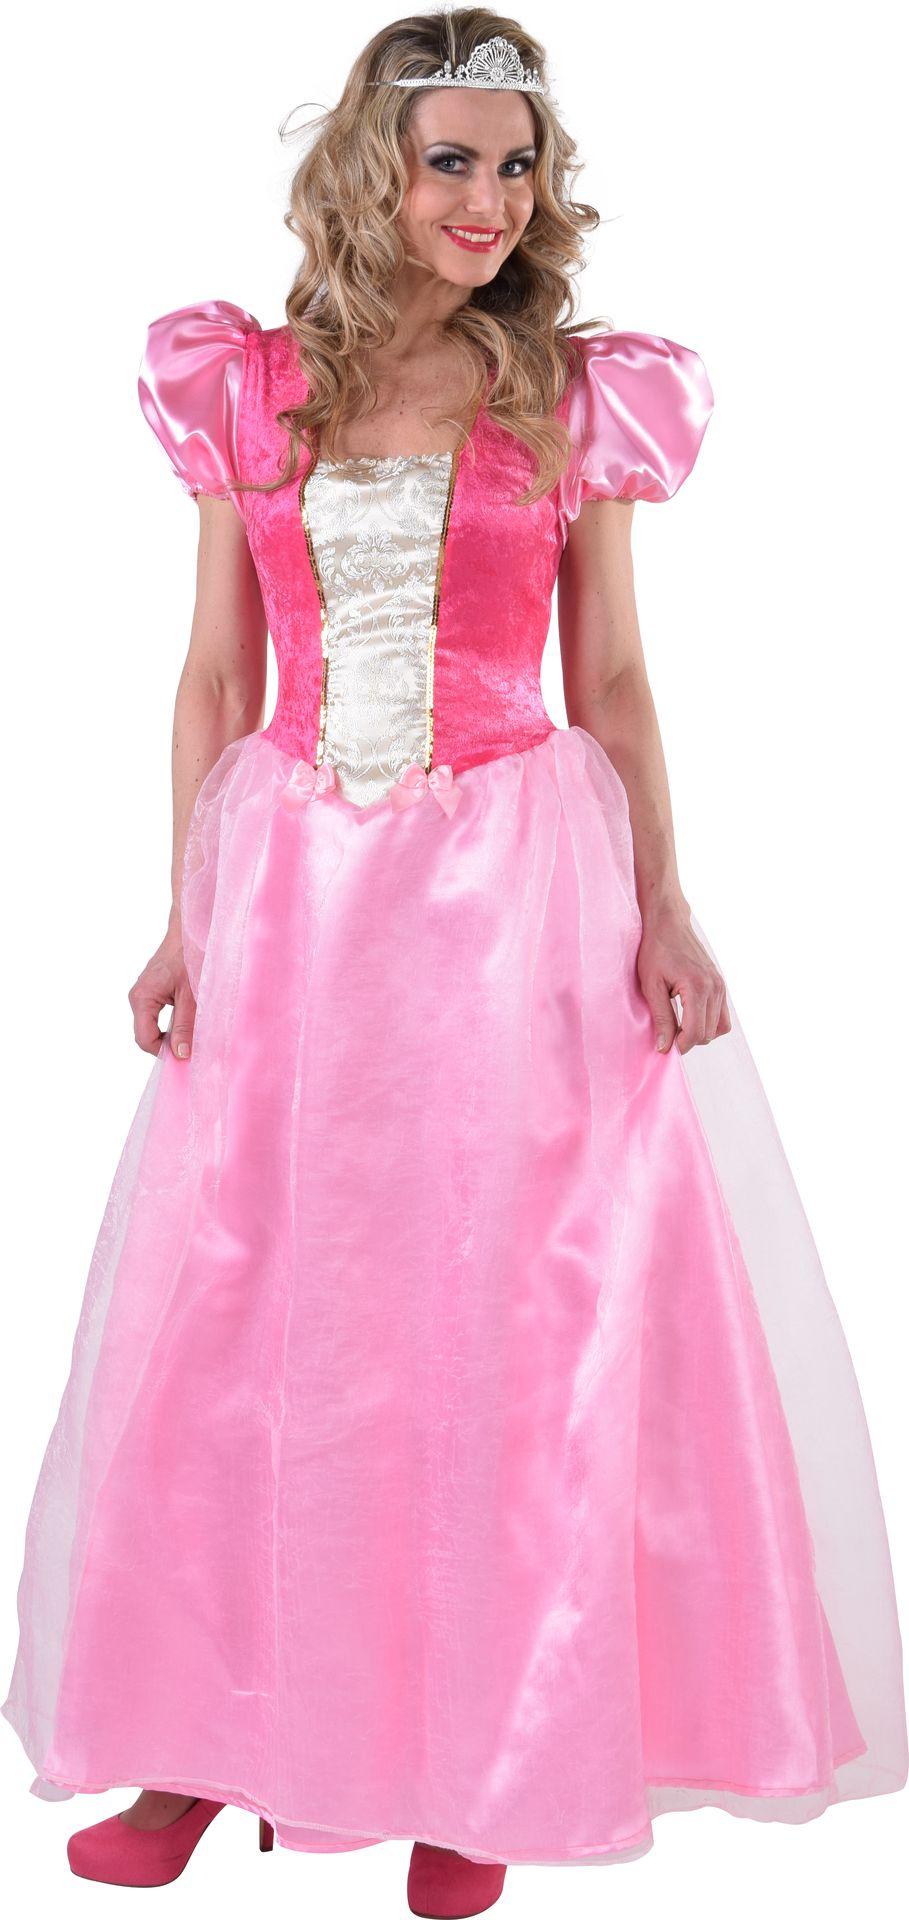 Betere Roze lange prinses jurk   Carnavalskleding.nl ZA-15